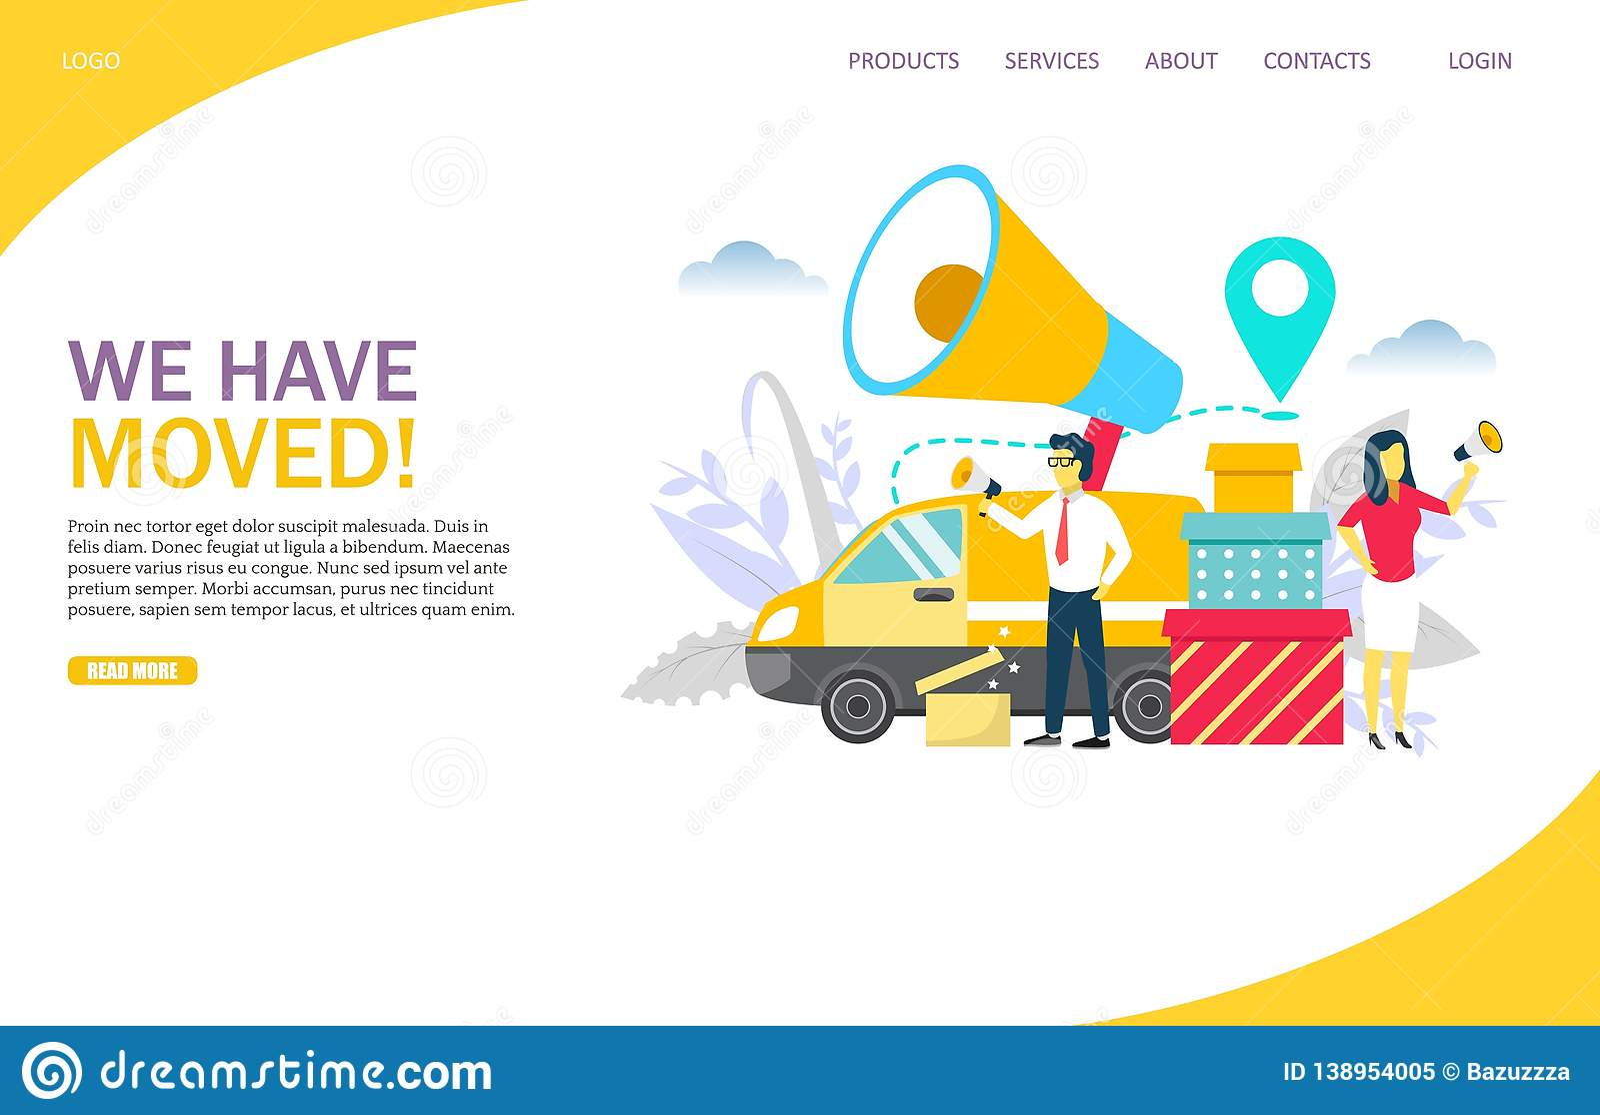 we have moved vector website landing page design template. Black Bedroom Furniture Sets. Home Design Ideas